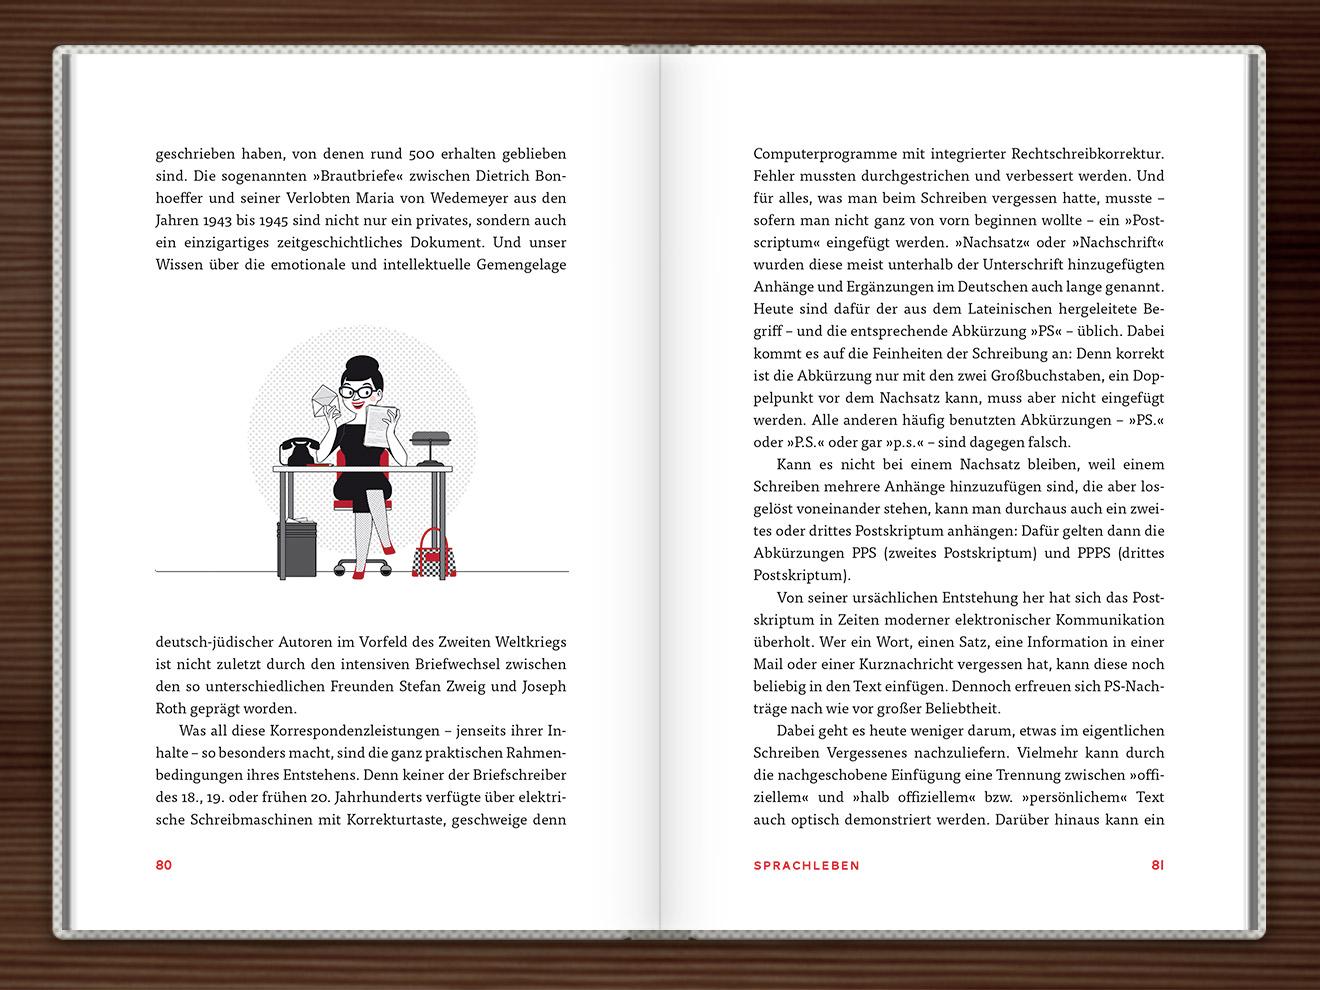 Postskriptum im Buch Du hast das Wort, Schätzchen! 100 charmante Geschichten rund um die Sprache im Duden Verlag von Rita Mielke mit Illustrationen im Sixties-Stil von Iris Luckhaus